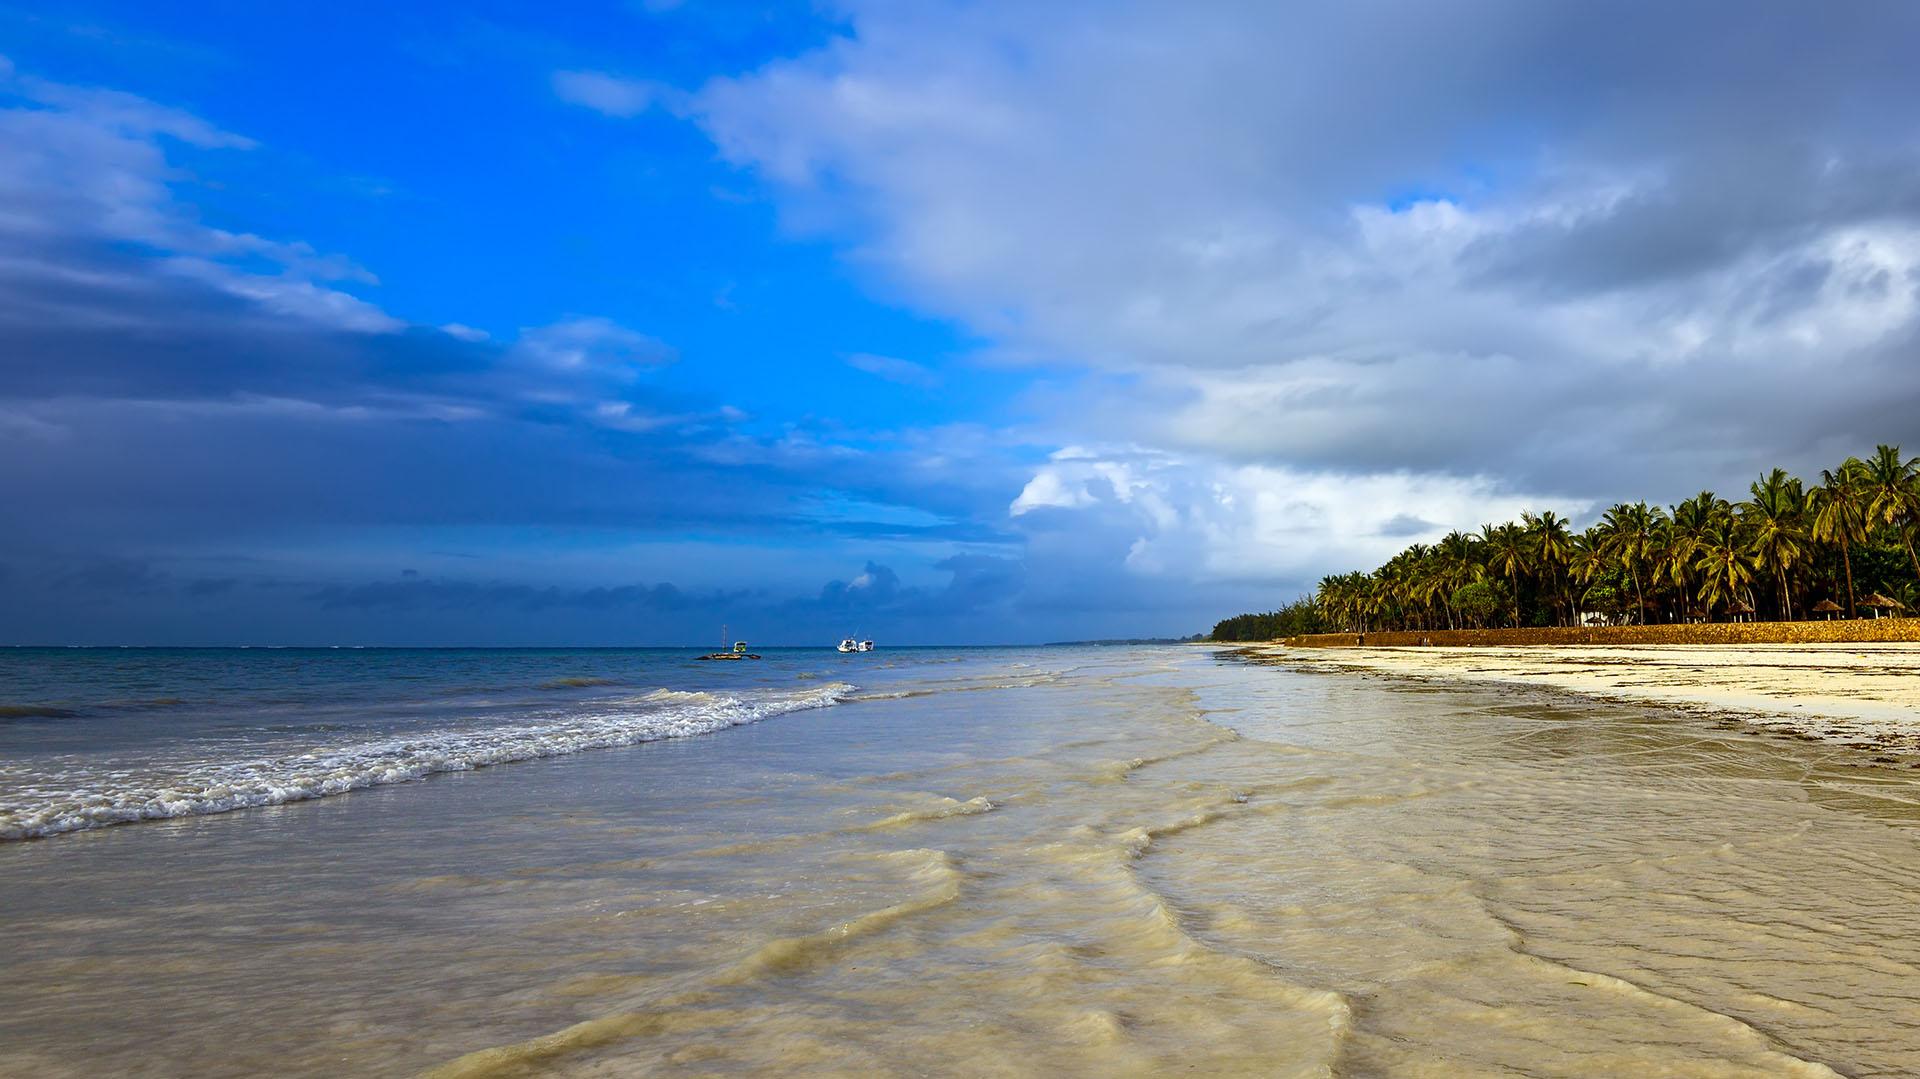 Más de 6 mil viajeros y expertos en viajes participaron del ranking de Big 7 Travel para decidir cuáles son las mejores playas del mundo. La playa de Diani, en Kenia tiene alrededor de 25 kilómetros de largo. Y a pesar de ser una de las playas más populares, se destaca por ser un paraíso íntimo y poco concurrido en las tranquilas costas del Océano Índico